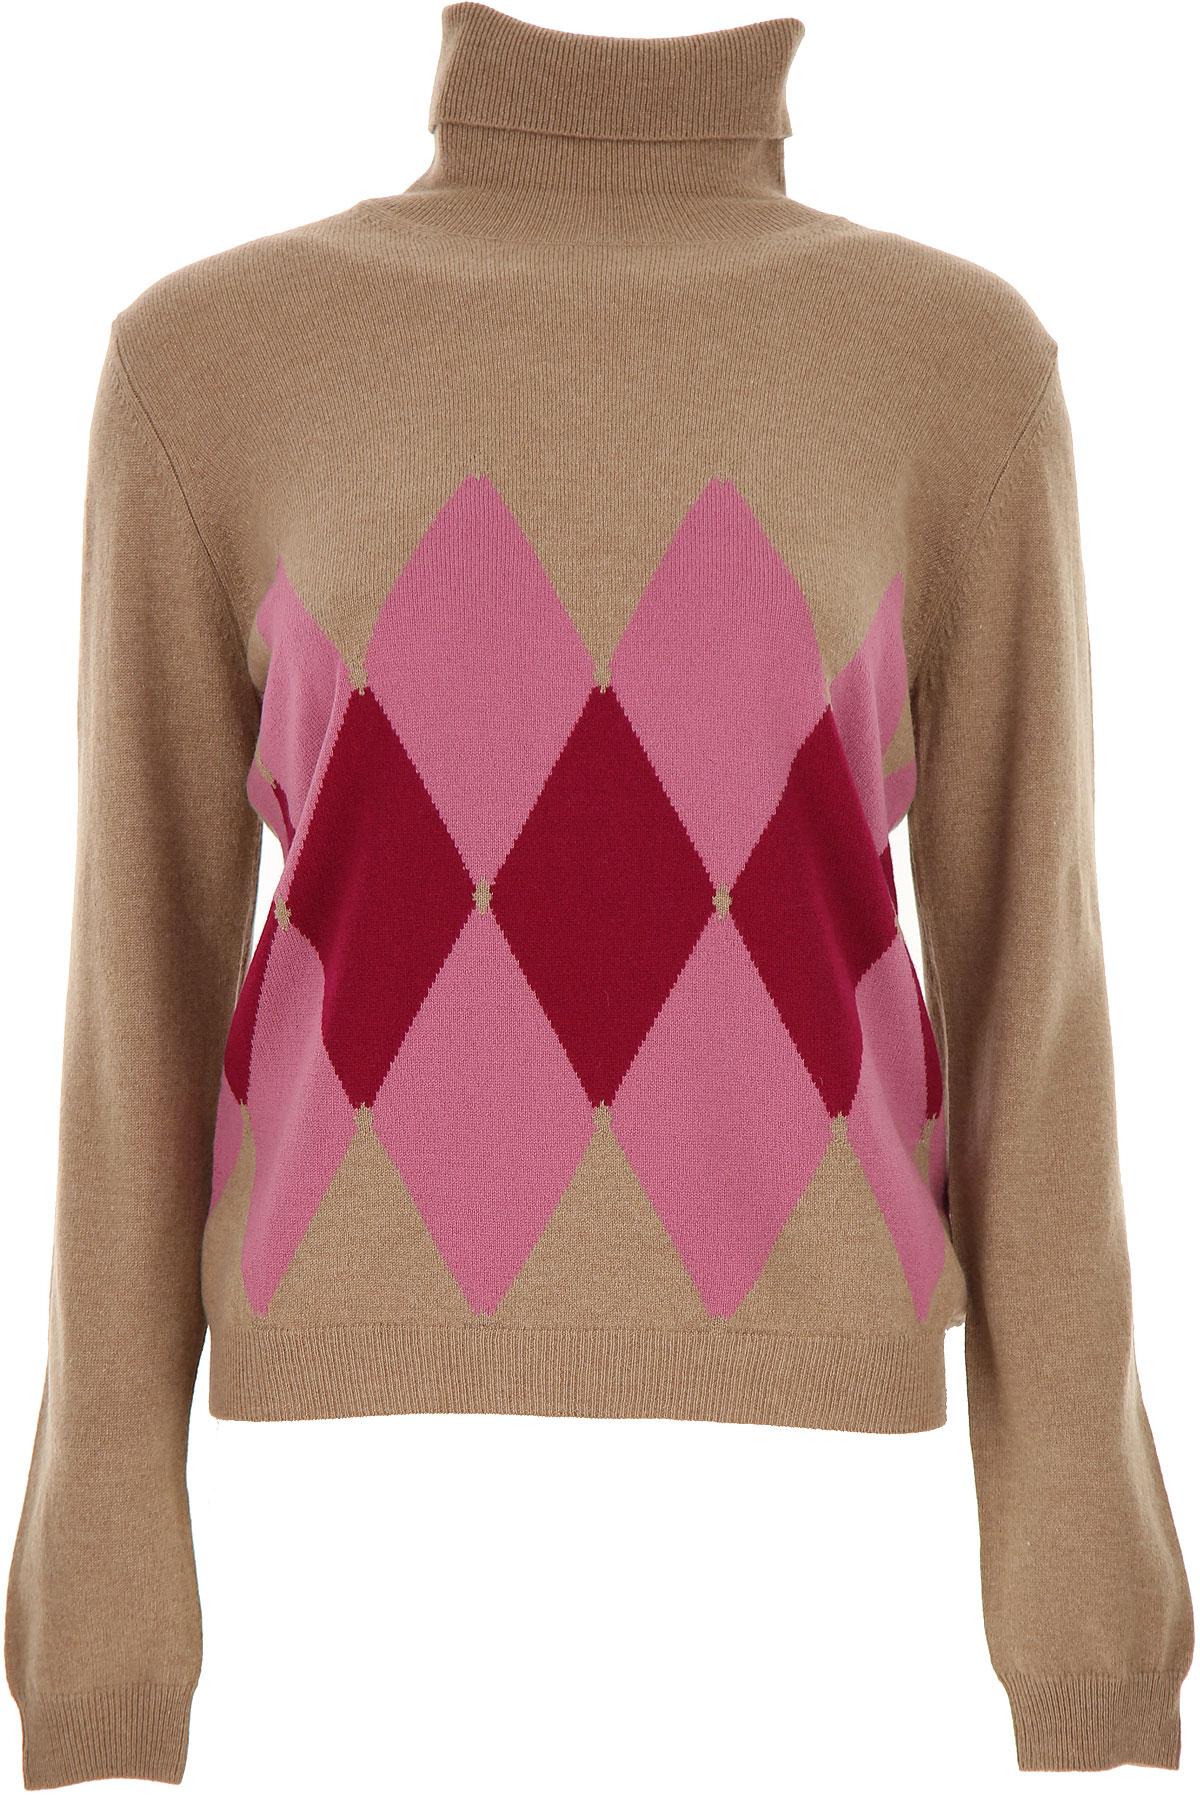 Ballantyne Sweater for Women Jumper On Sale, Beige, Cashemere, 2019, 10 6 8